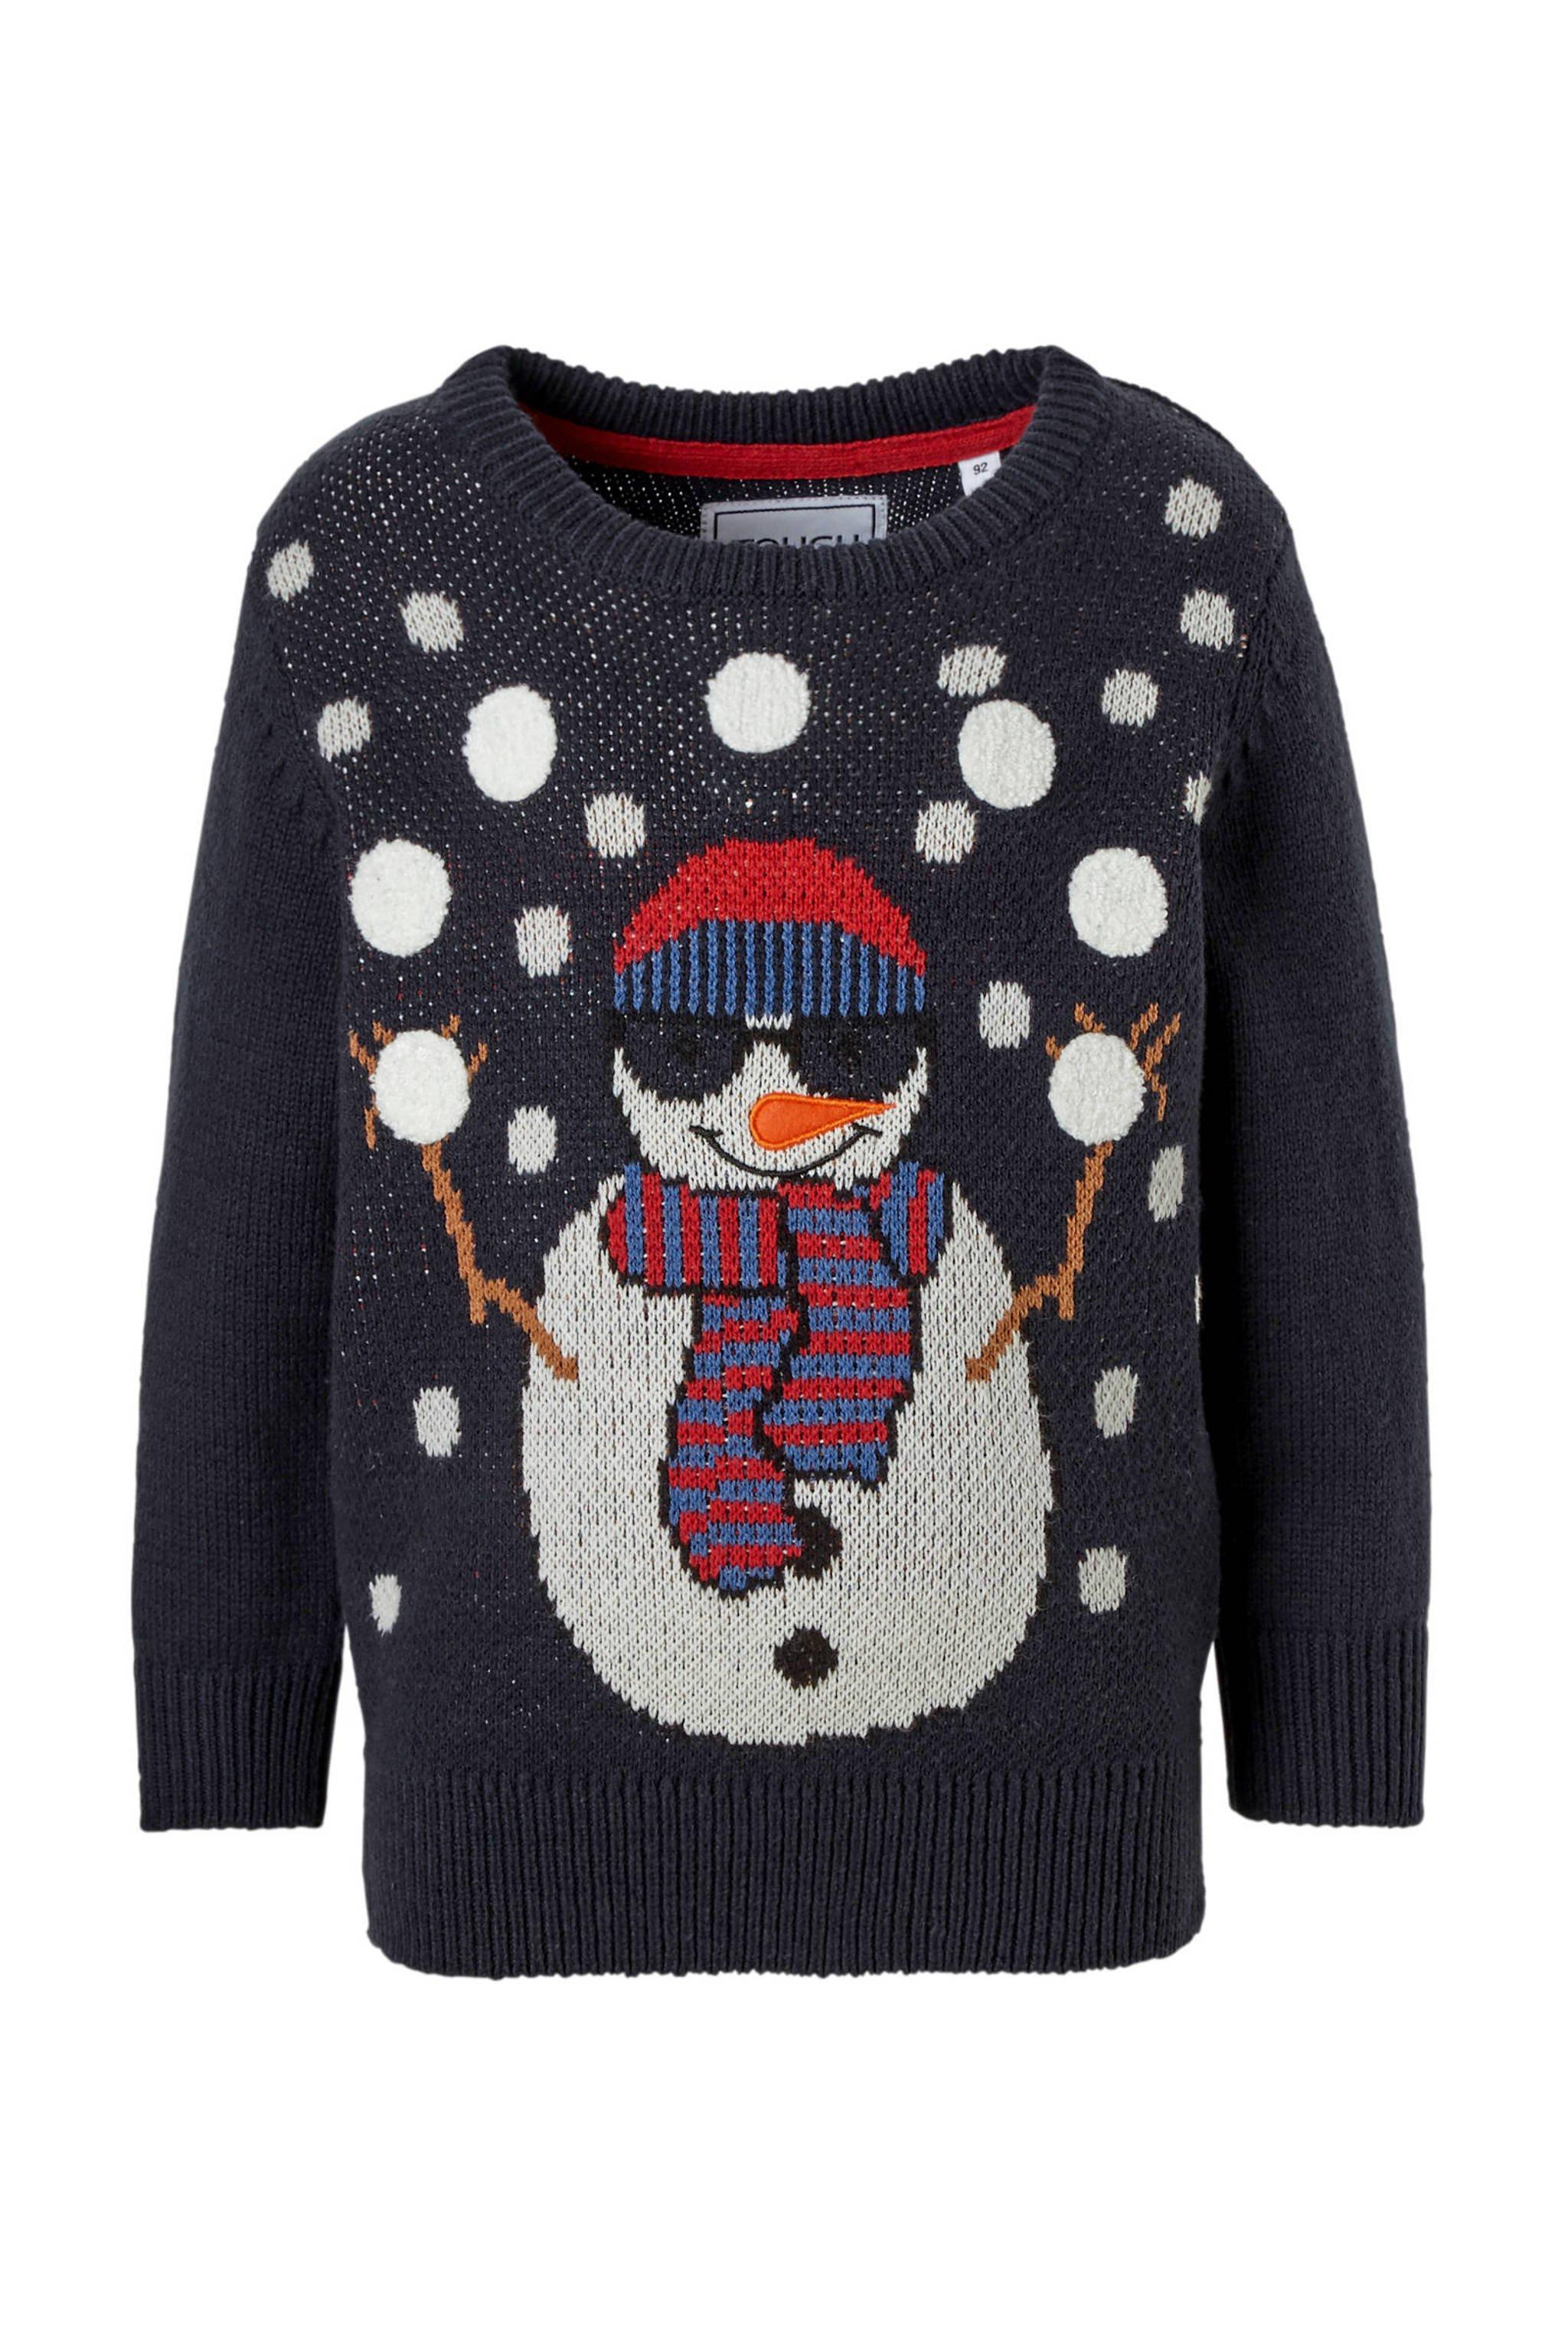 Kersttrui Dames Blauw.C A Palomino Kersttrui Met Sneeuwpop Blauw Wehkamp